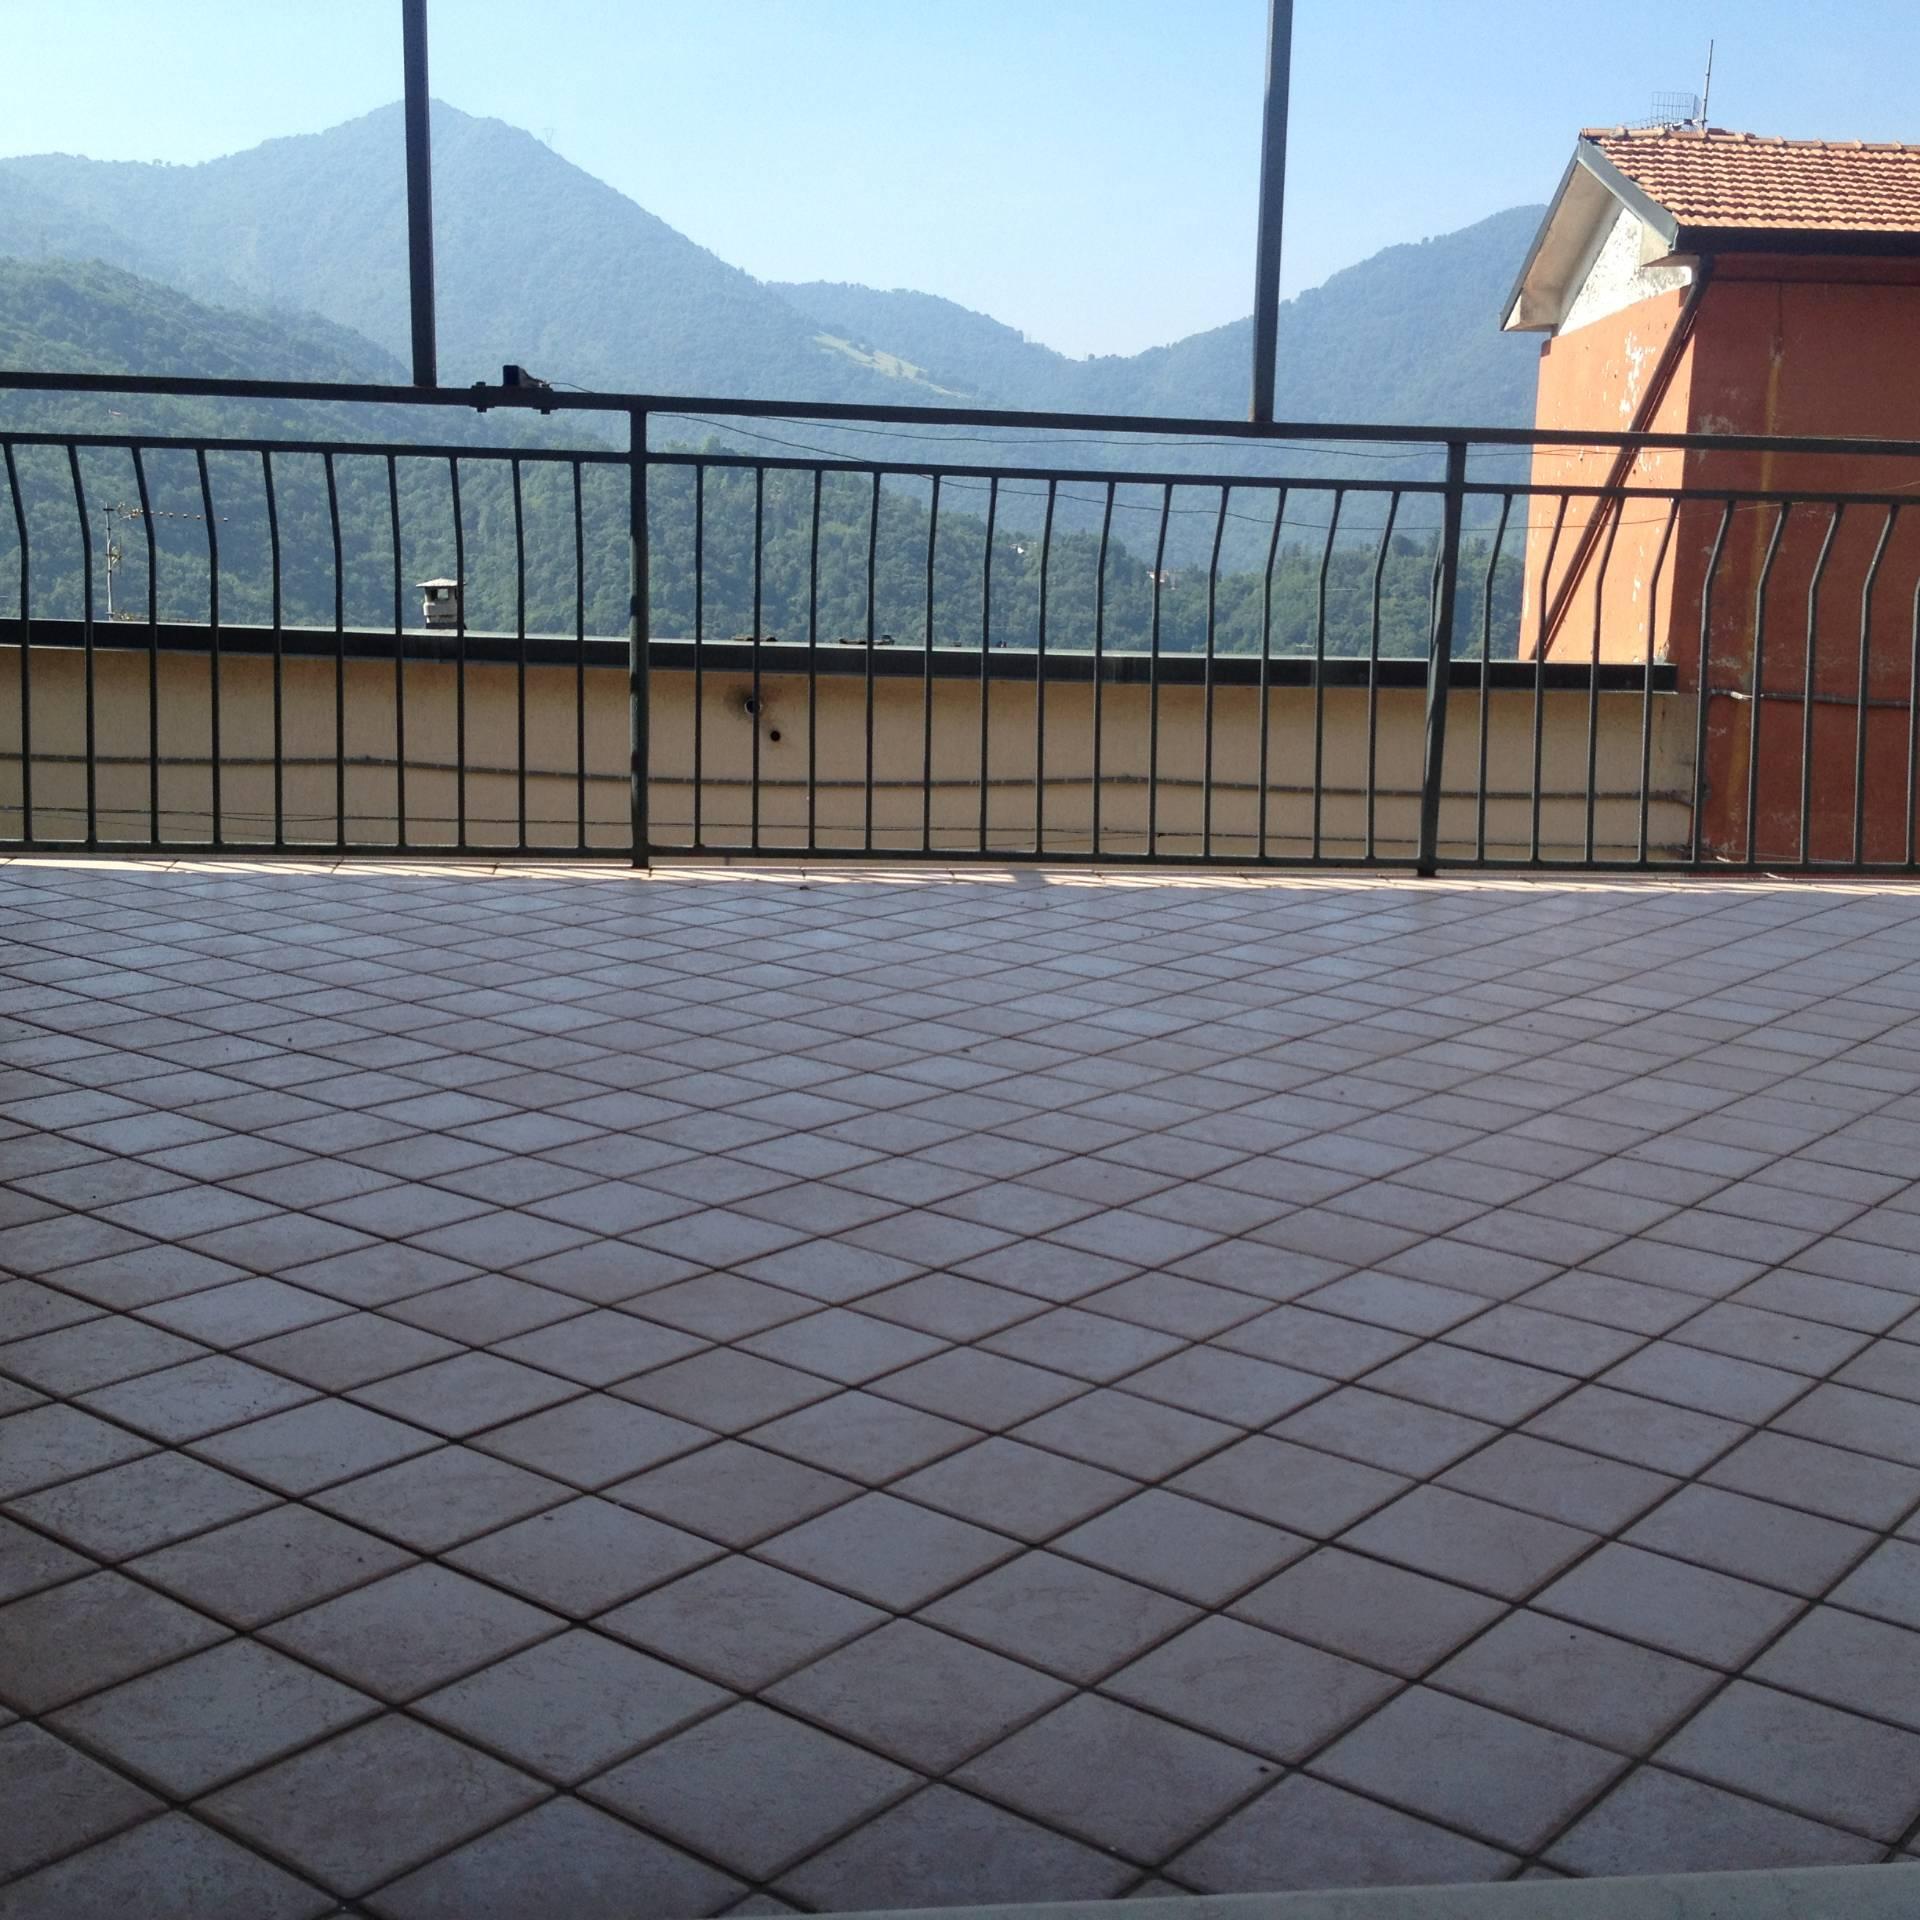 Appartamento in vendita a Lumezzane, 3 locali, zona Località: LumezzaneS.Apollonio, prezzo € 59.000 | Cambio Casa.it